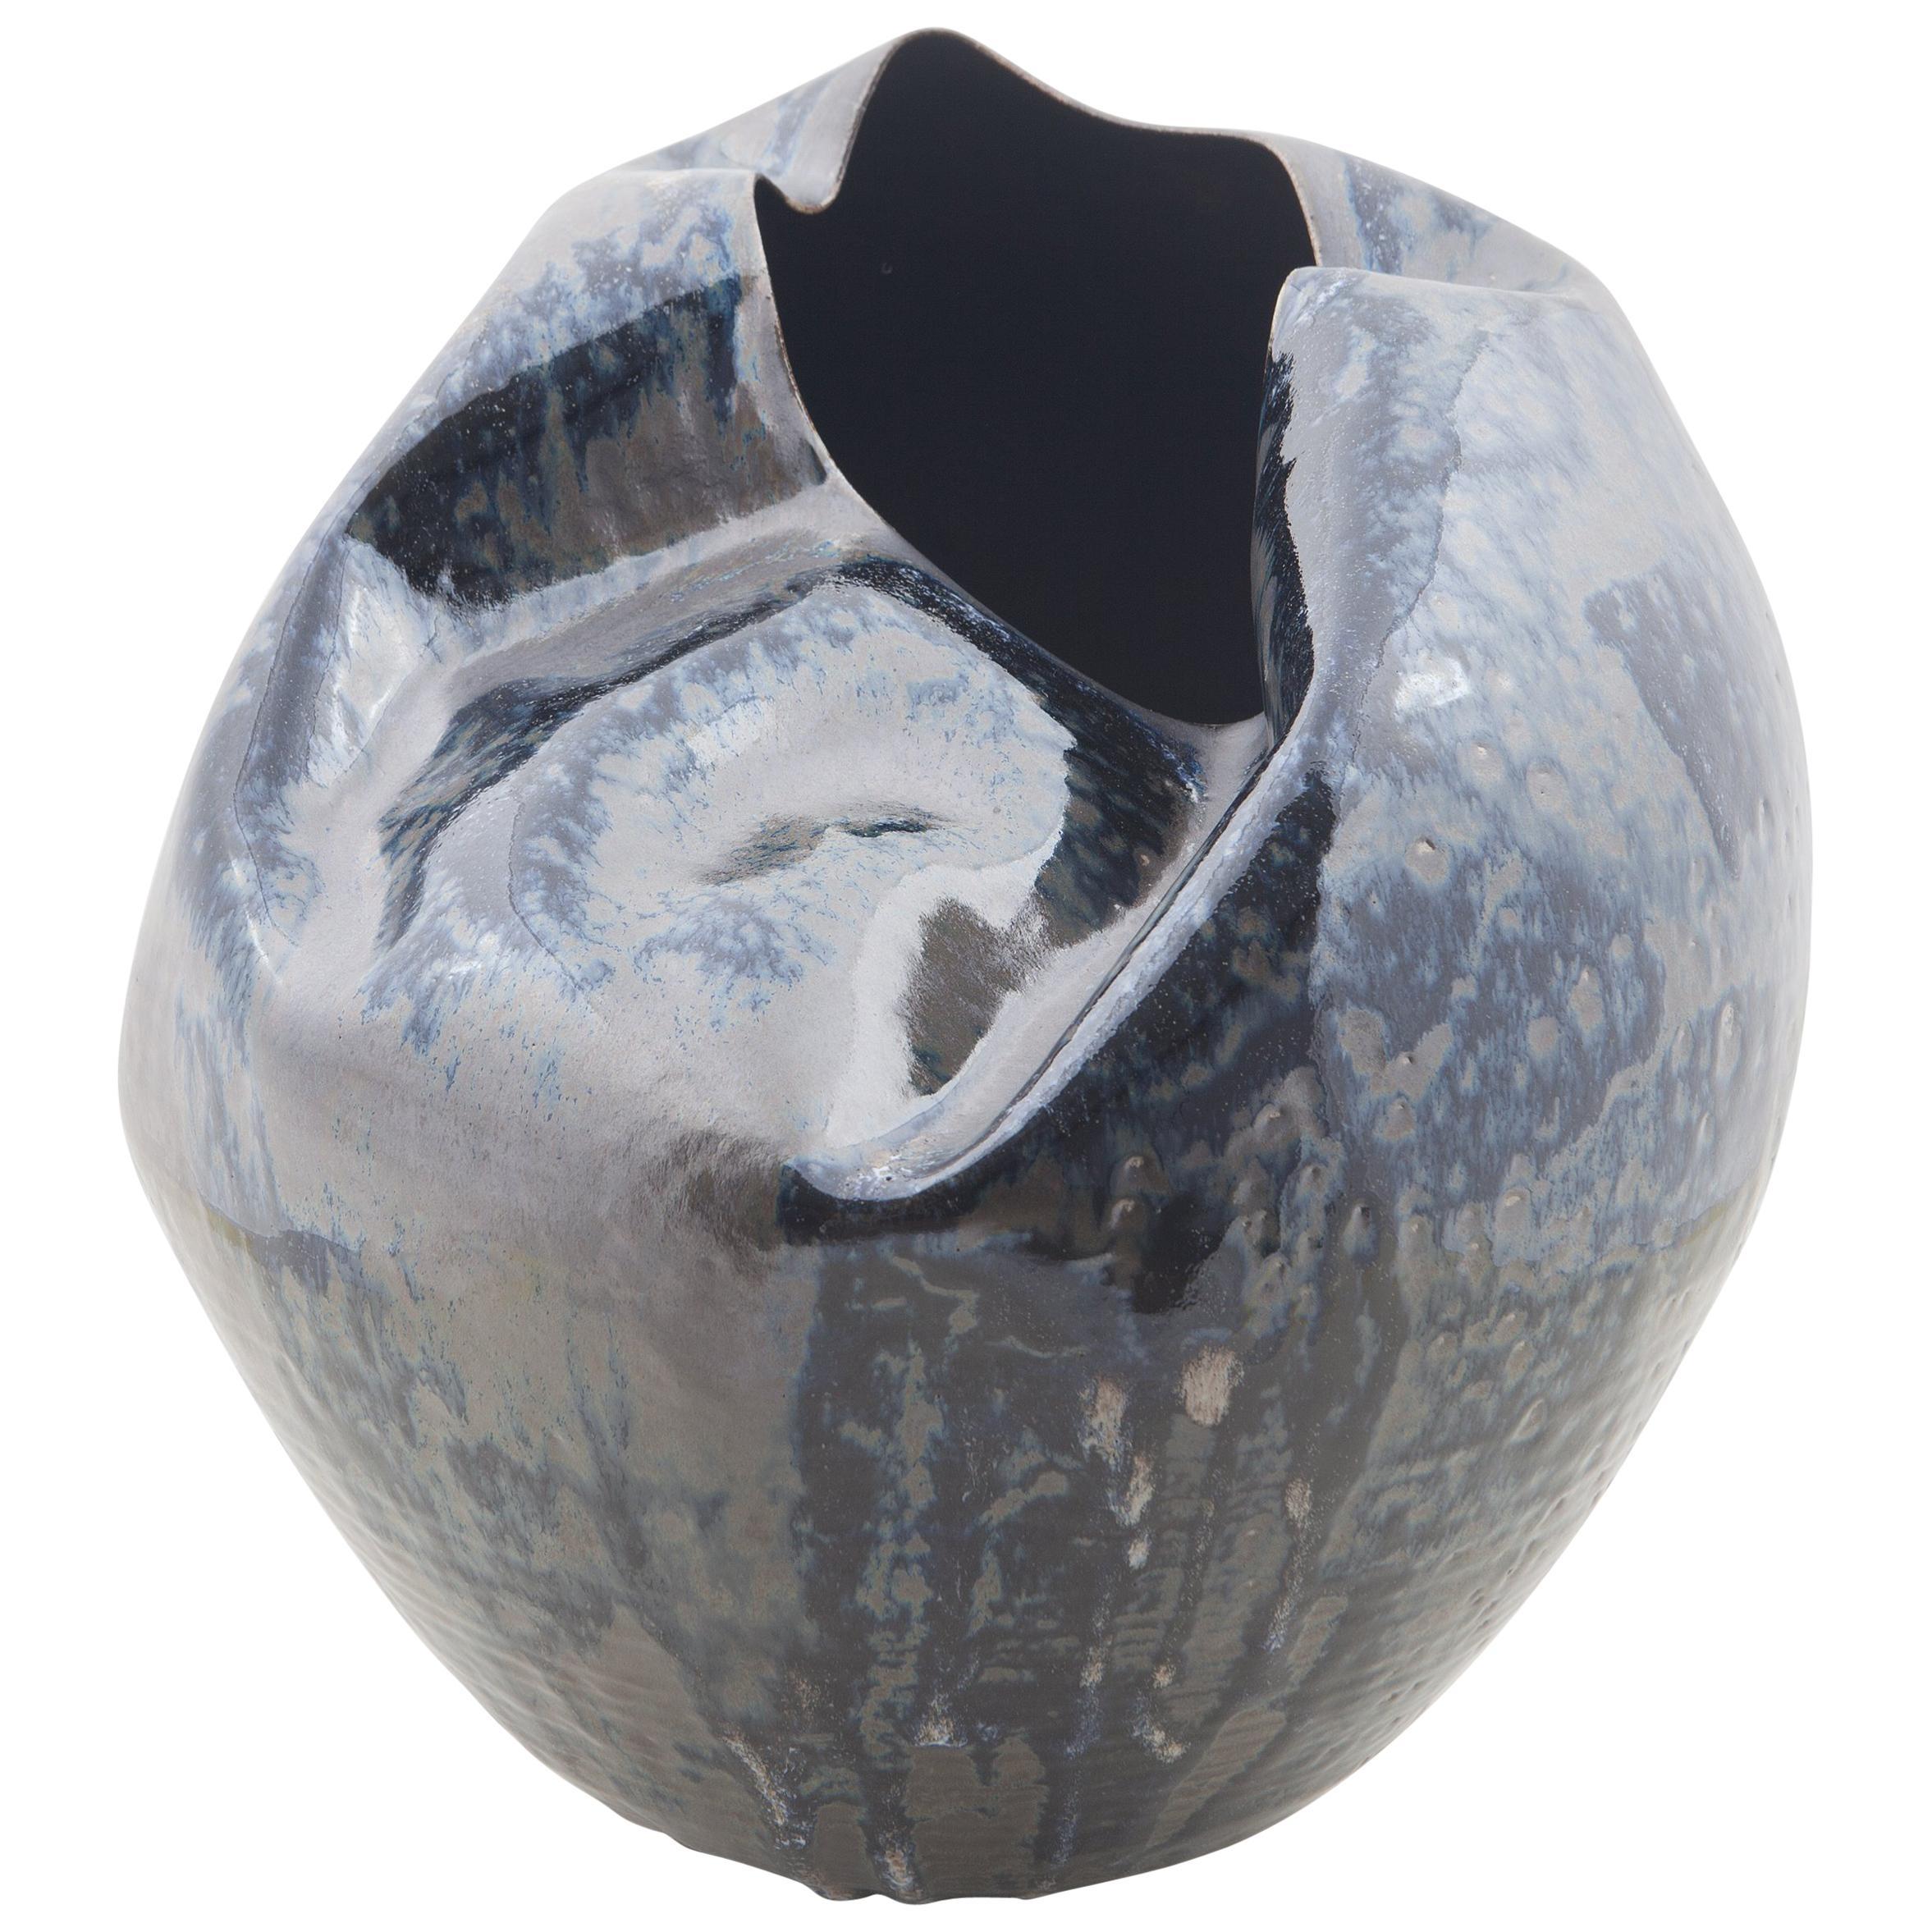 Large Undulating Form, Vase, Interior Sculpture or Vessel, Objet D'Art